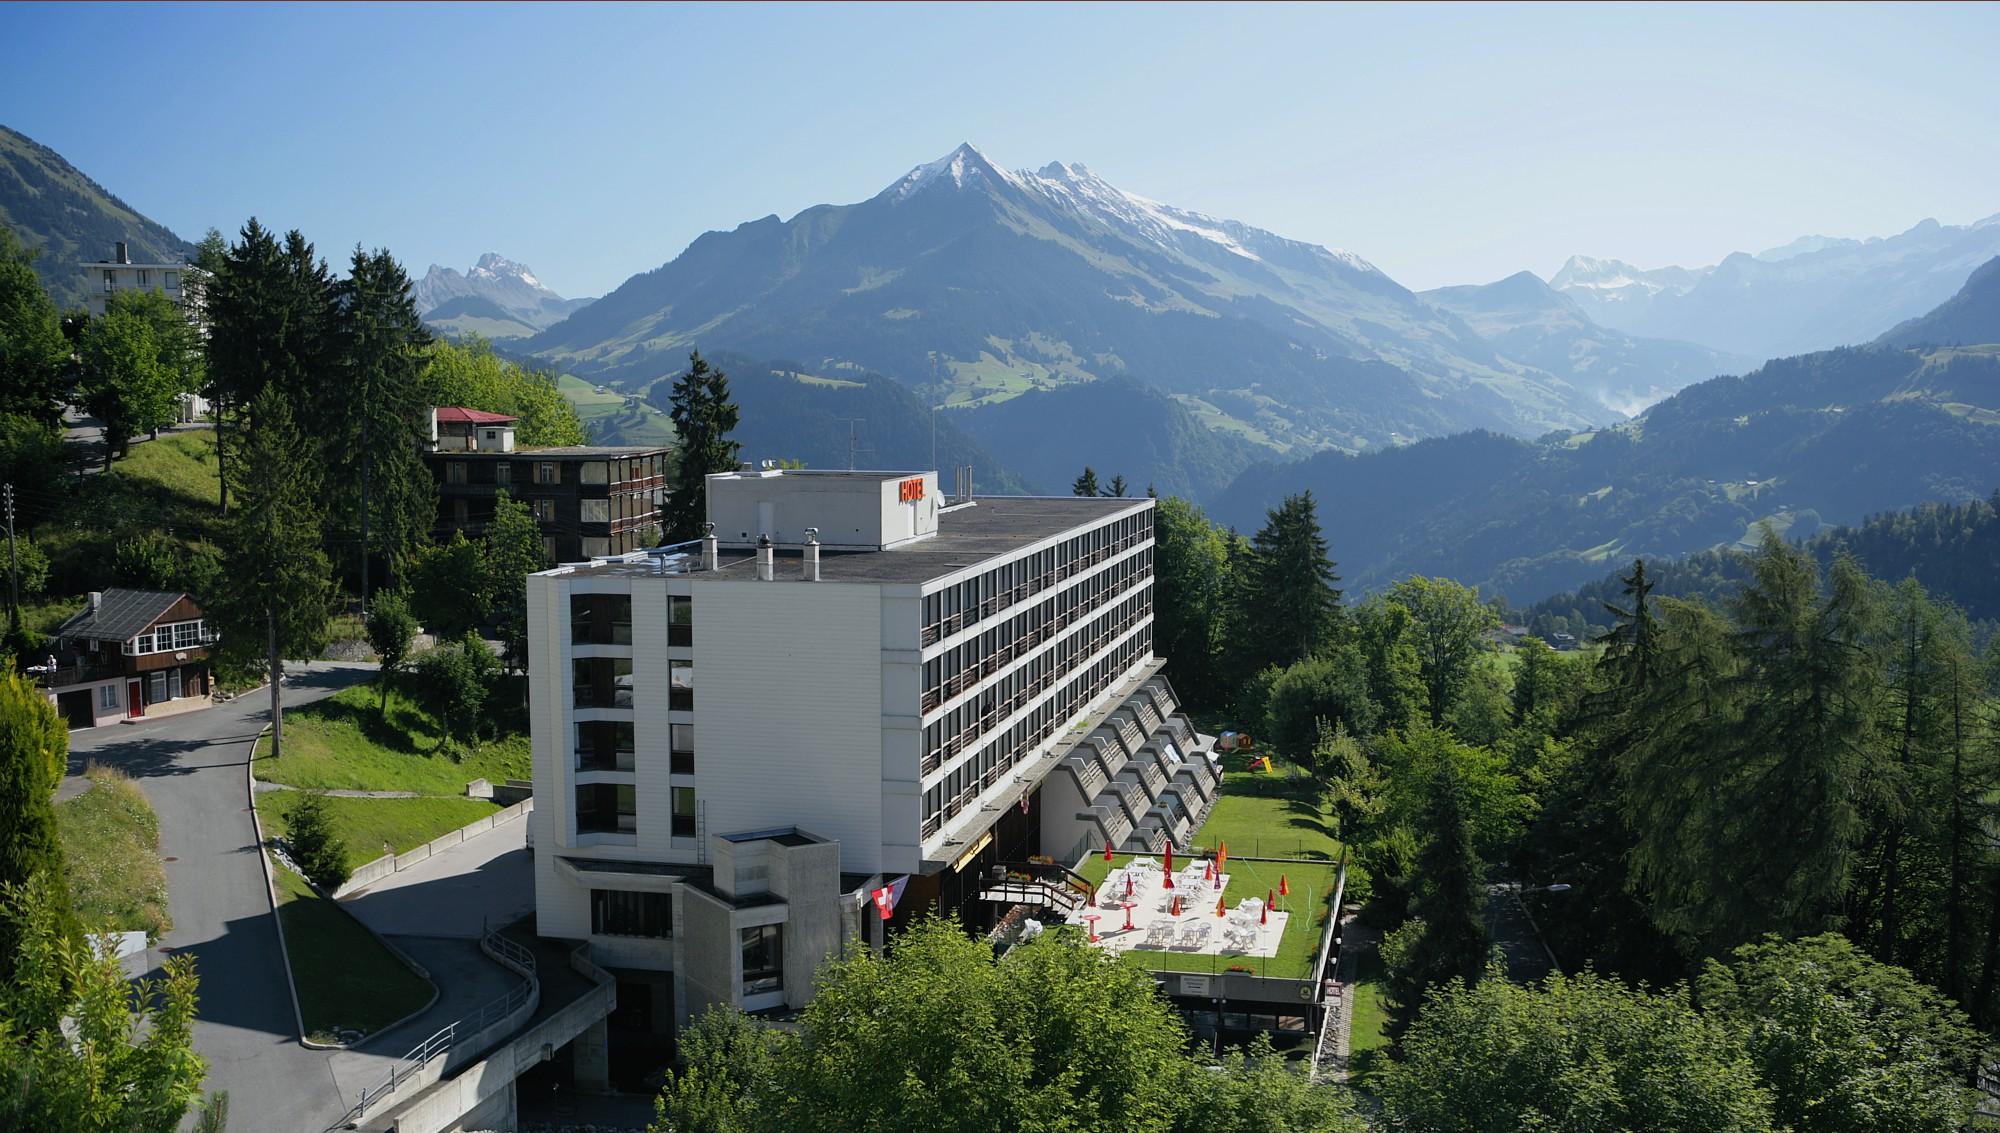 H tel central r sidence spa leysin suisse h tel for Central de reservation hotel